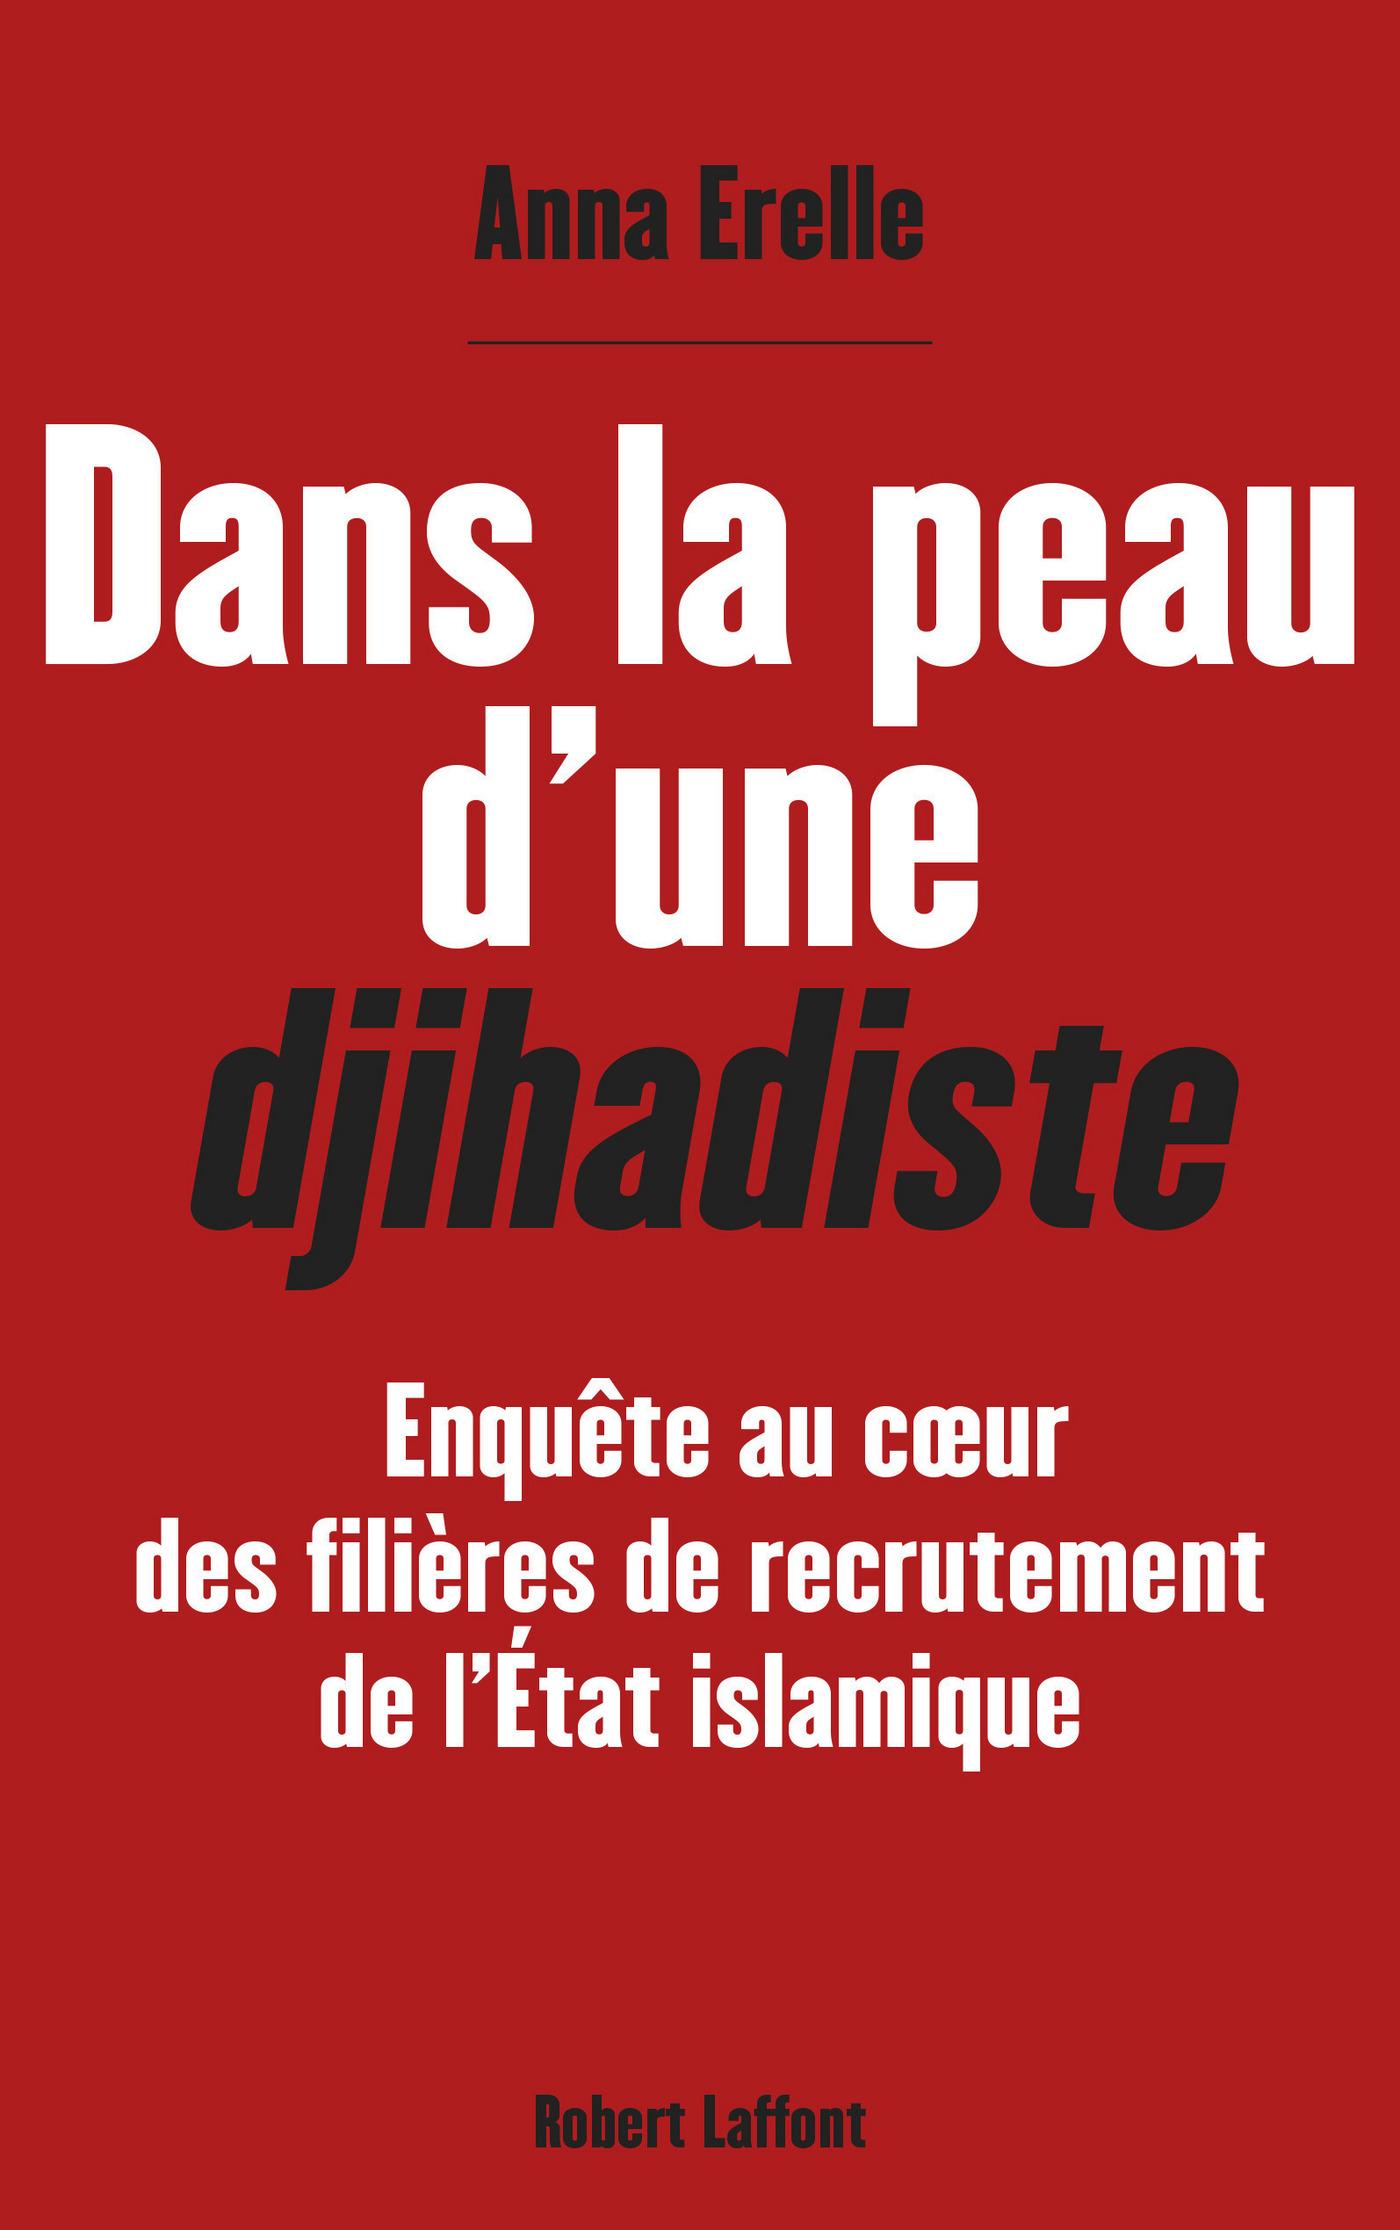 Dans la peau d'une djihadiste (ebook)